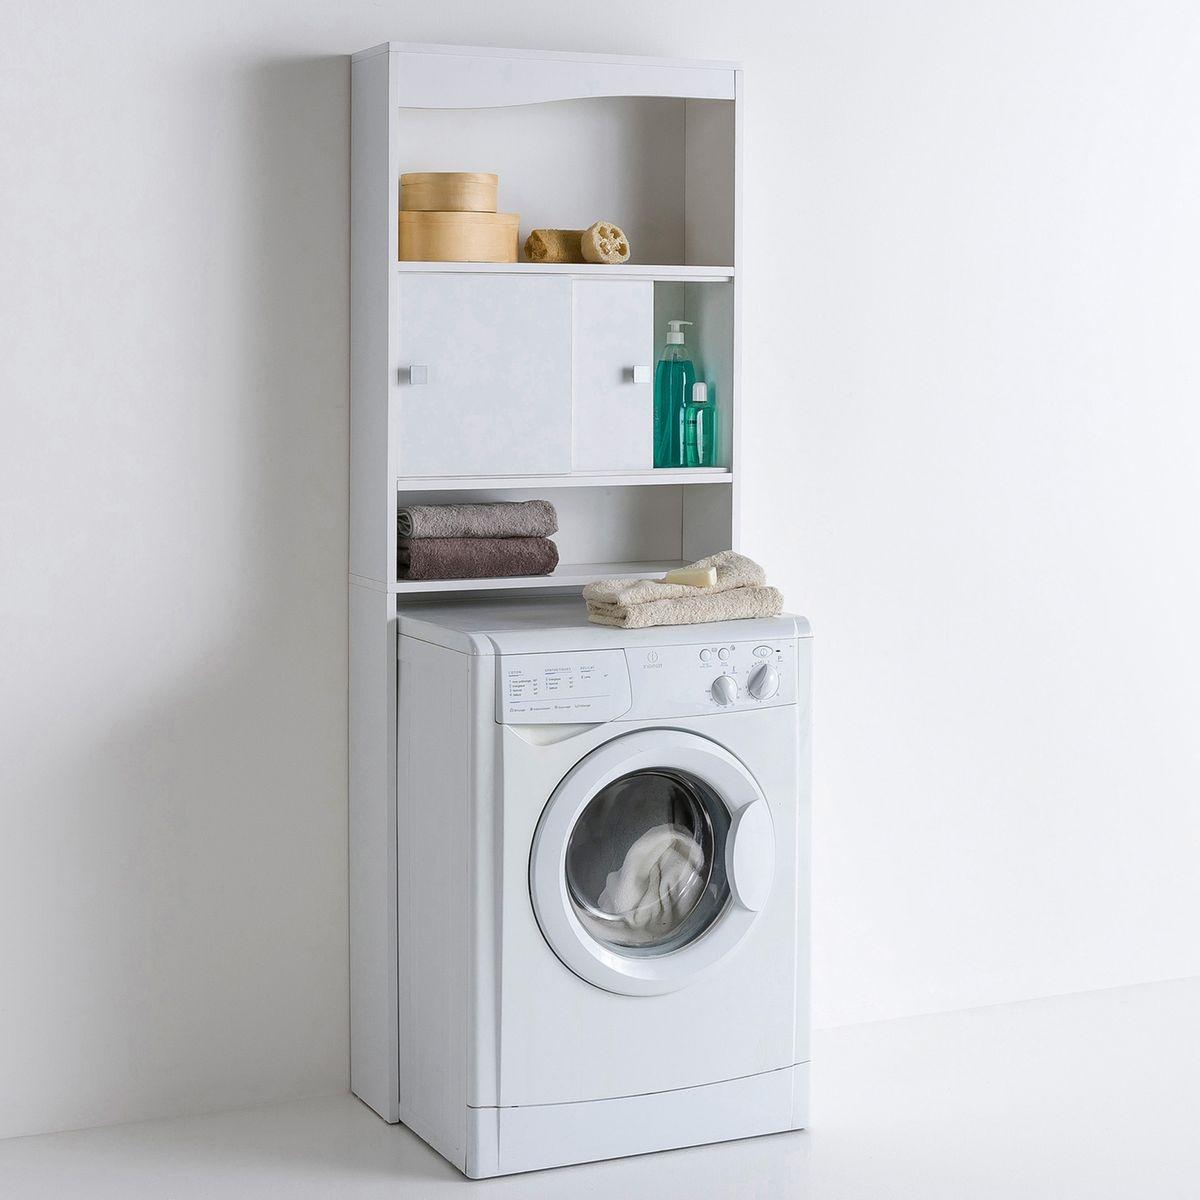 Etagere Sur Wc Ou Lave Linge Roselba Taille Tu Meuble Machine A Laver Meuble Salle De Bain Derouleur Papier Toilette